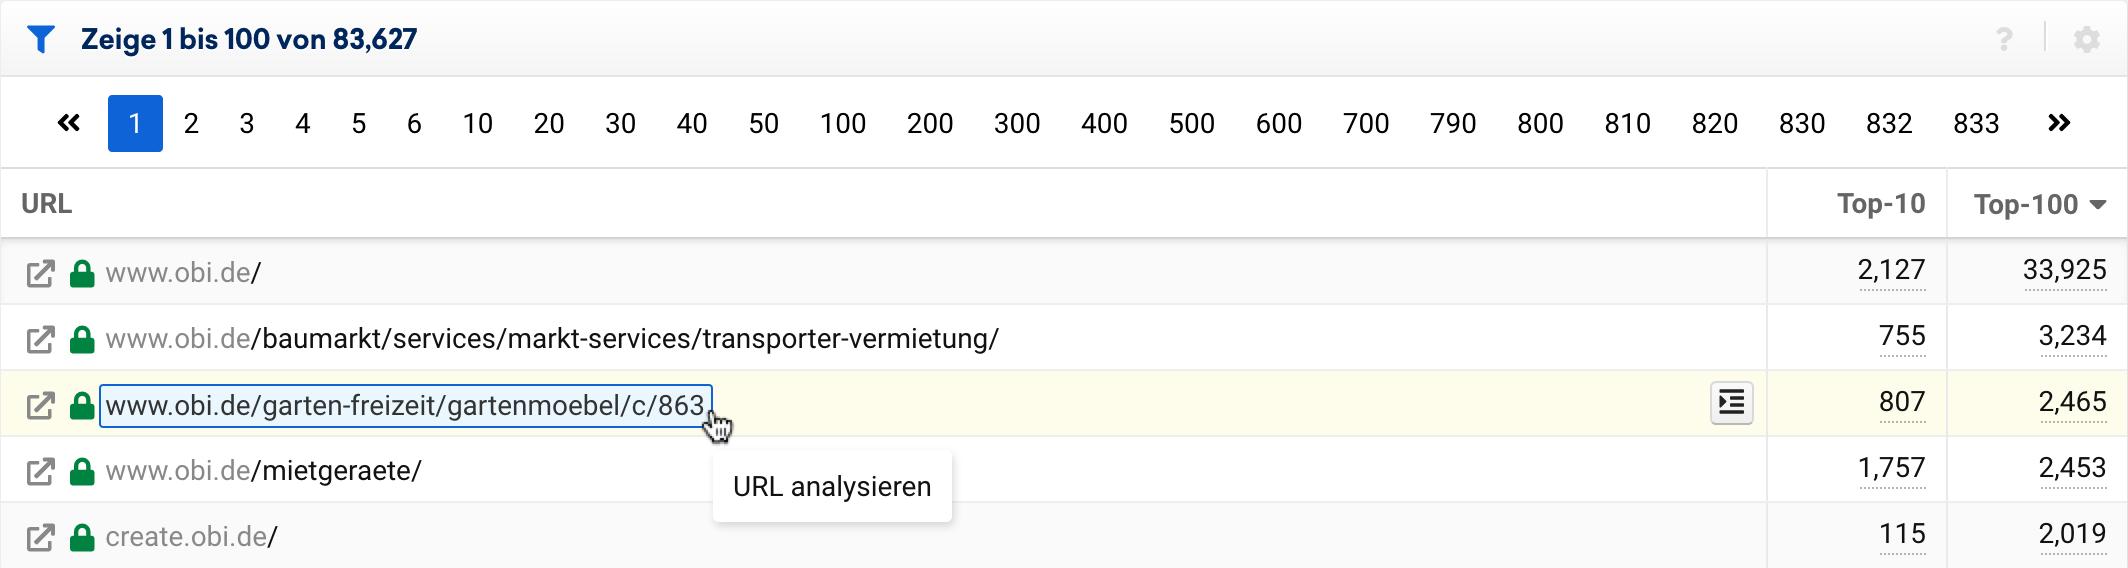 URL-Tabelle in der SISTRIX Toolbox. Gezeigt wird, wie mit der Maus über eine URL gefahren werden und dann der jeweilige Teil näher analysiert werden kann.